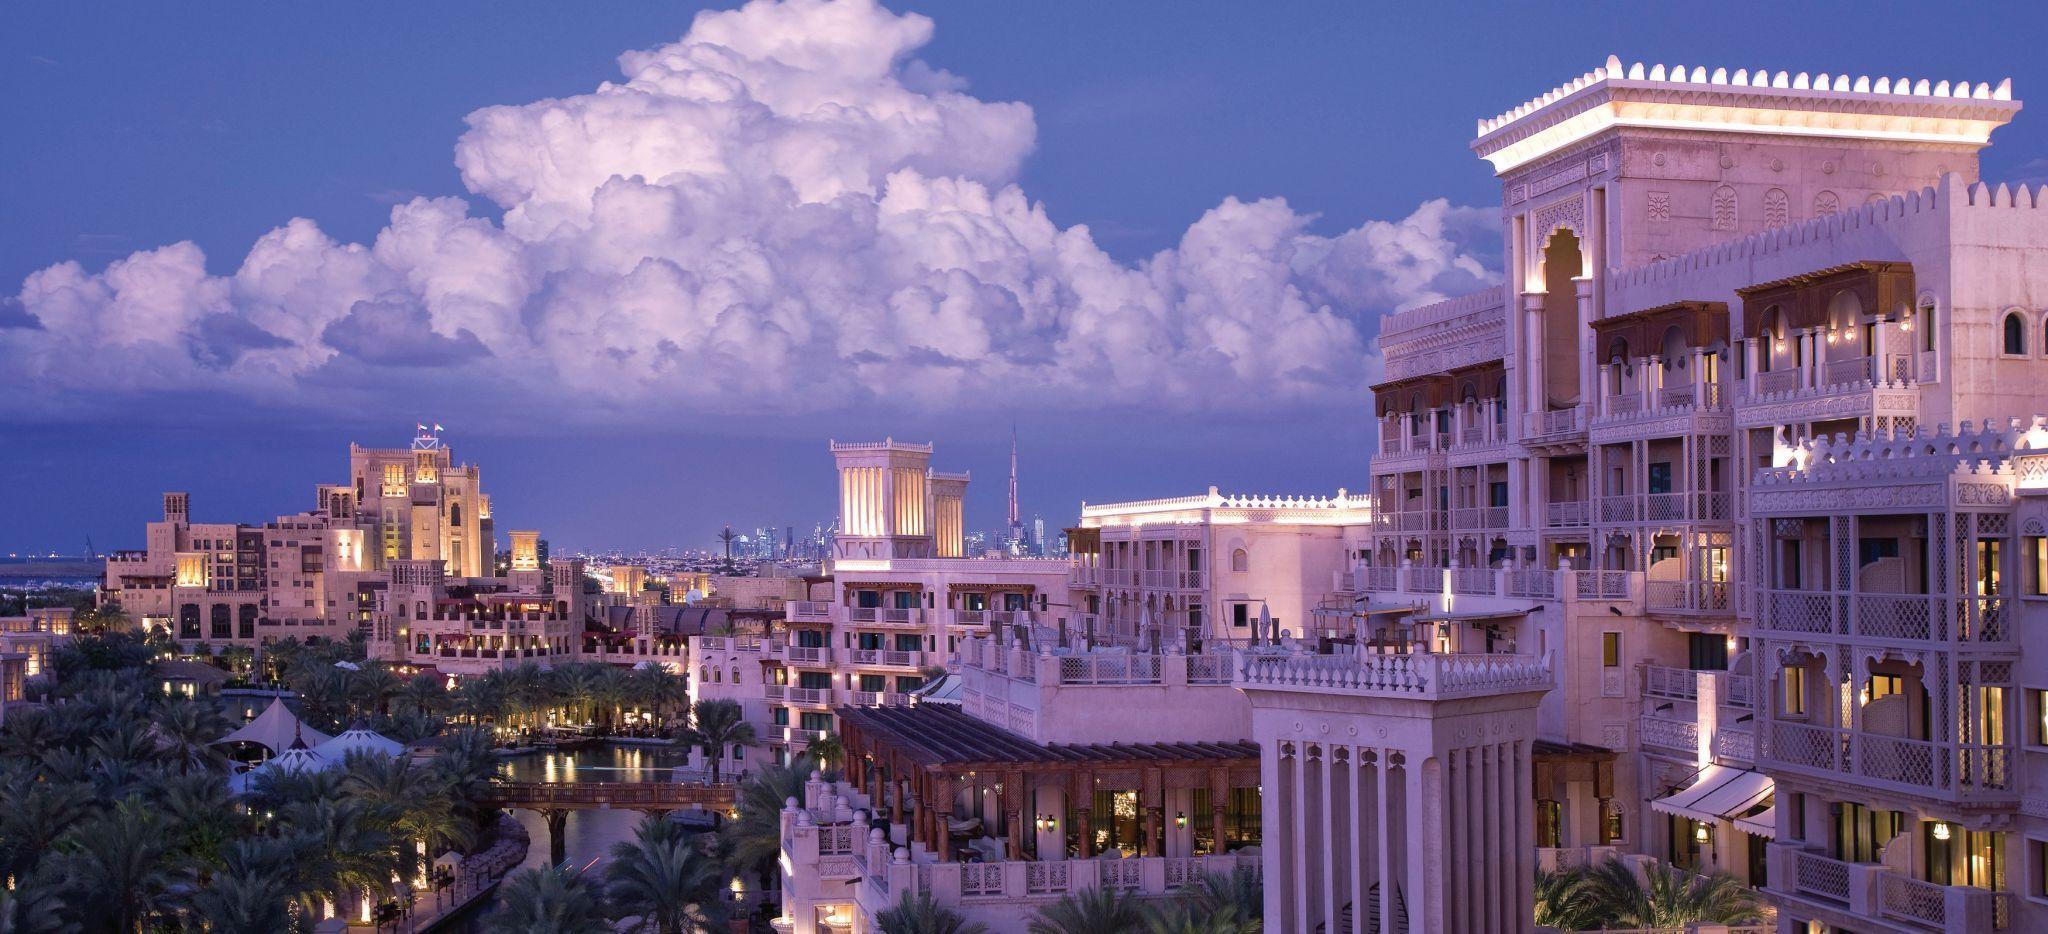 Die Hotels Madinat Jumeirah Al Qasr und Mina Al Salam von außen gesehen